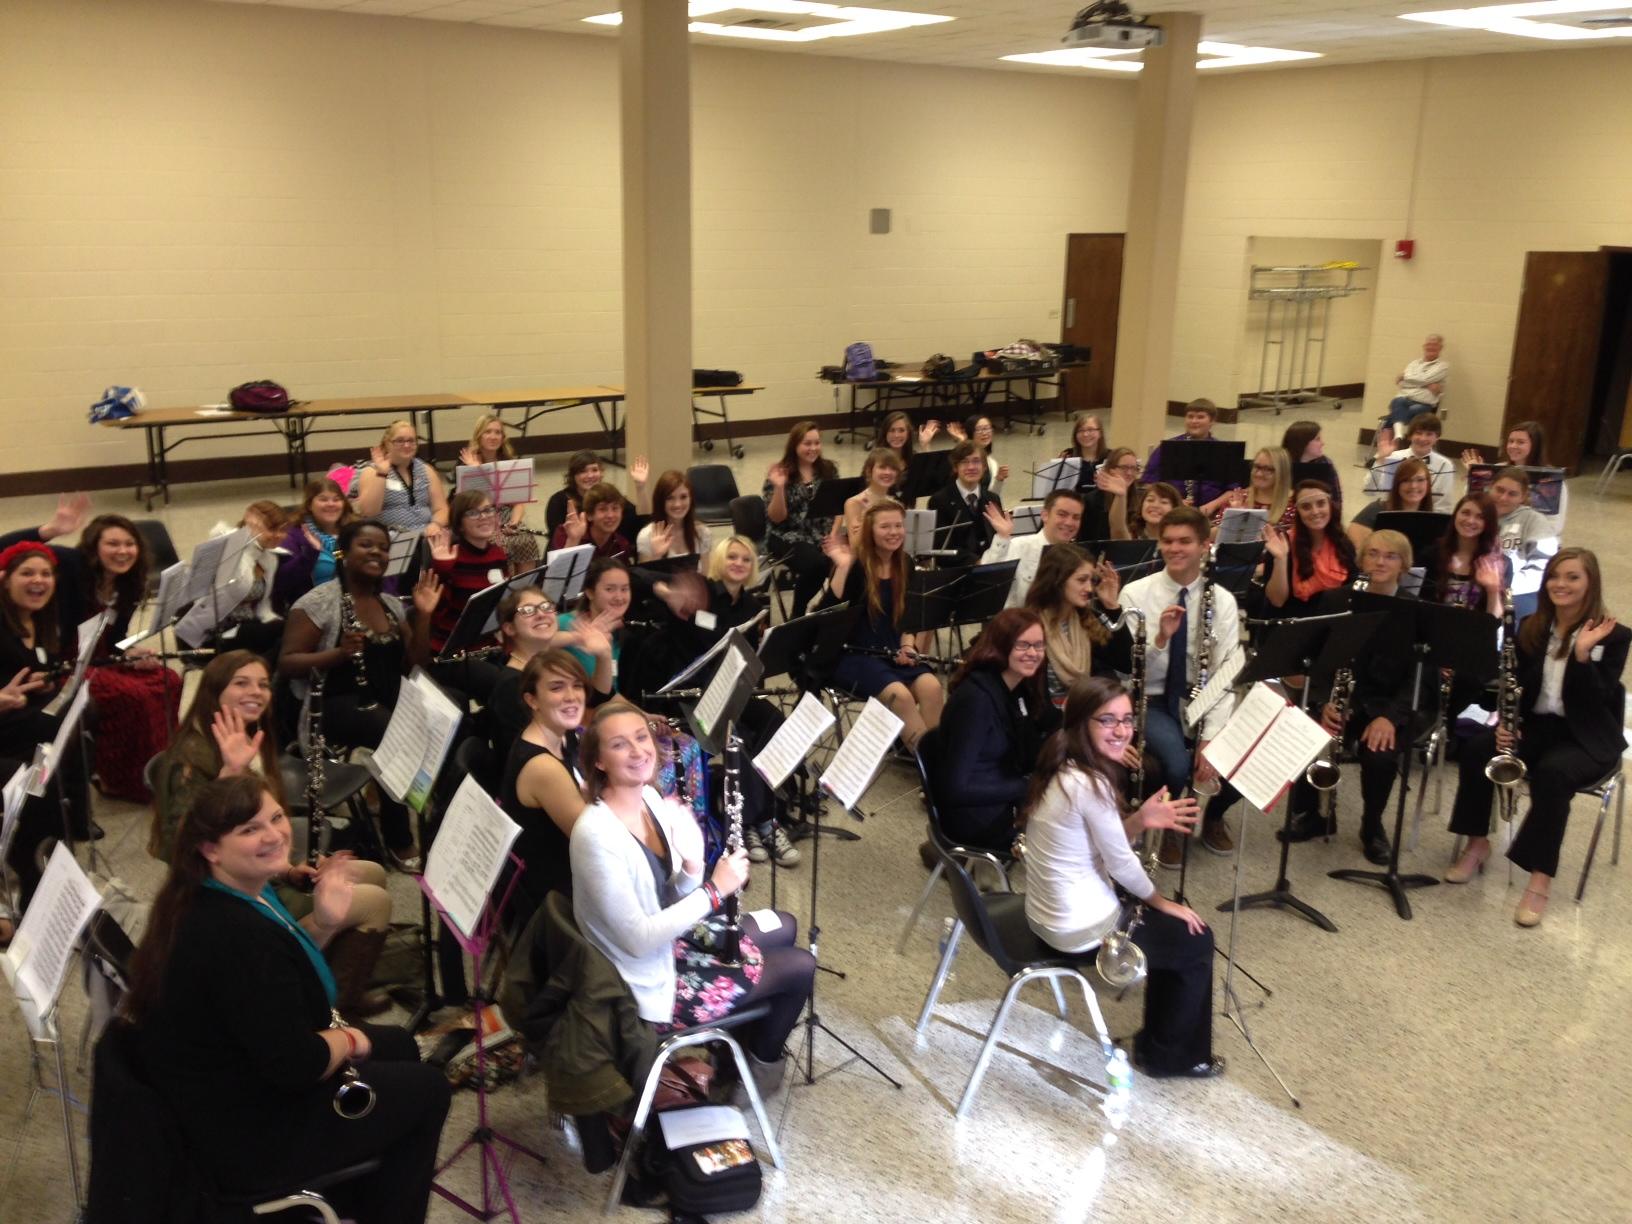 The 2014 TTU All-Star Clarinet Symposium Participants!